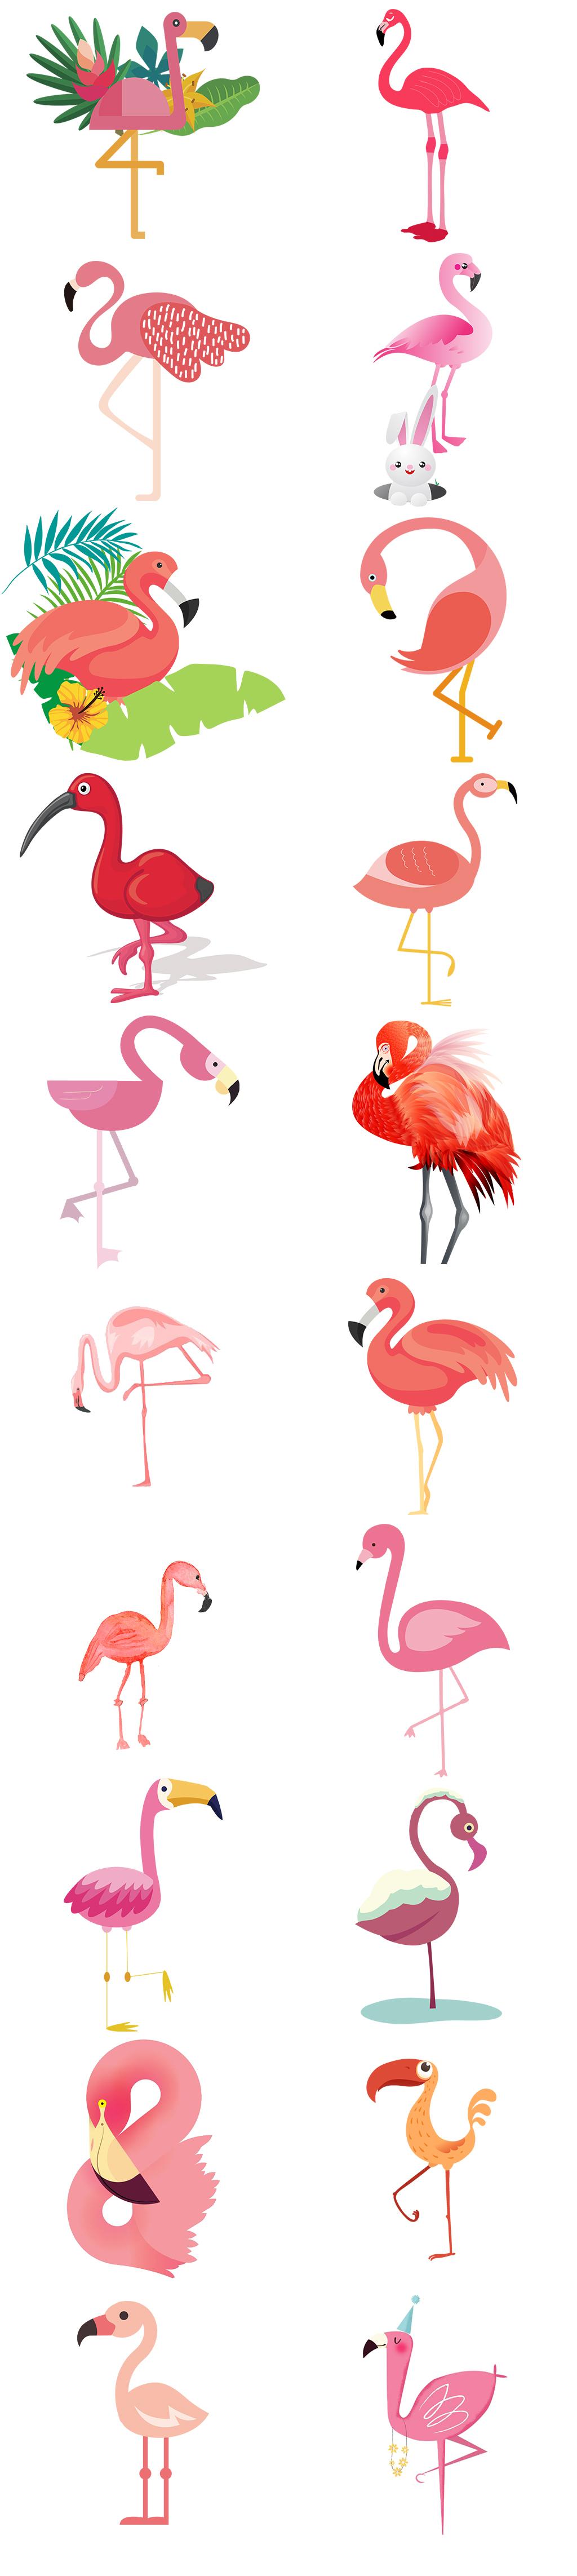 卡通手绘火烈鸟图片免抠png透明素材